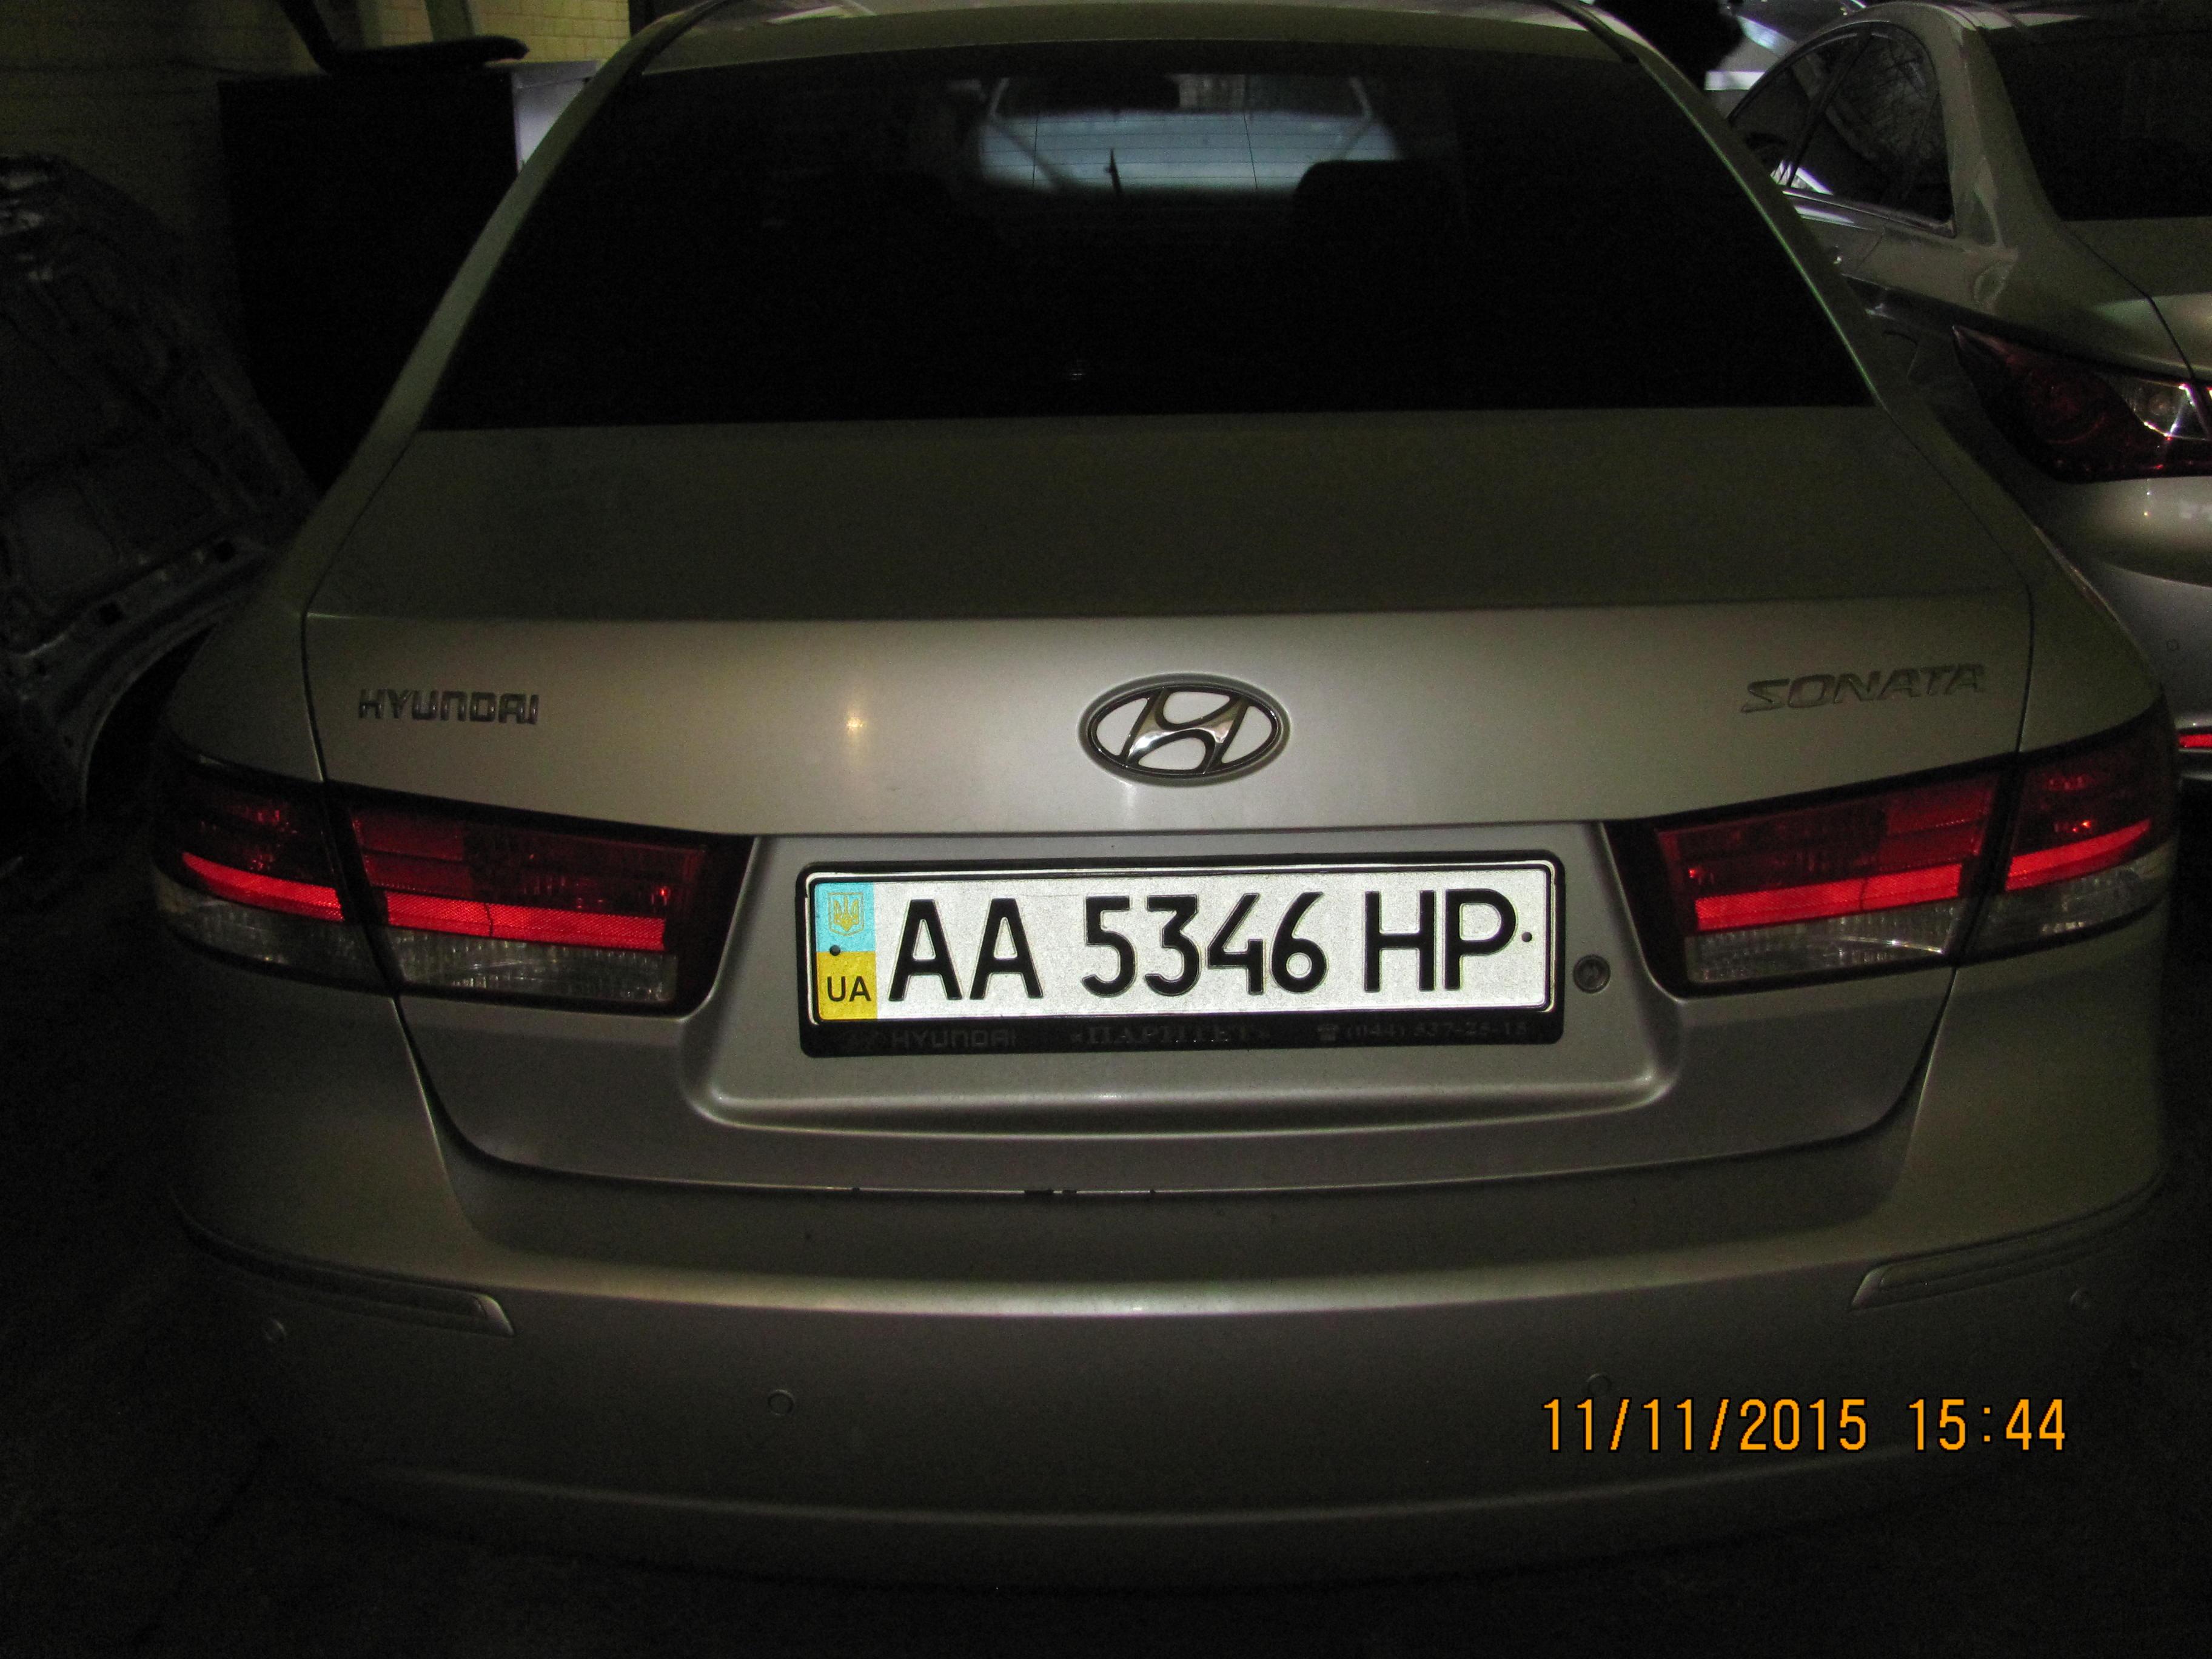 Легковий автомобіль HYUNDAI SONATA, 2008 року, номер кузова KMHEU41AP9A576074, номер державної реєстрації №АА5346HP та основні засоби, а саме: Диск для автомоб.ФОБОС-2 7.0*16 5/114.3 ET 45 DIA в кількості 8 шт.